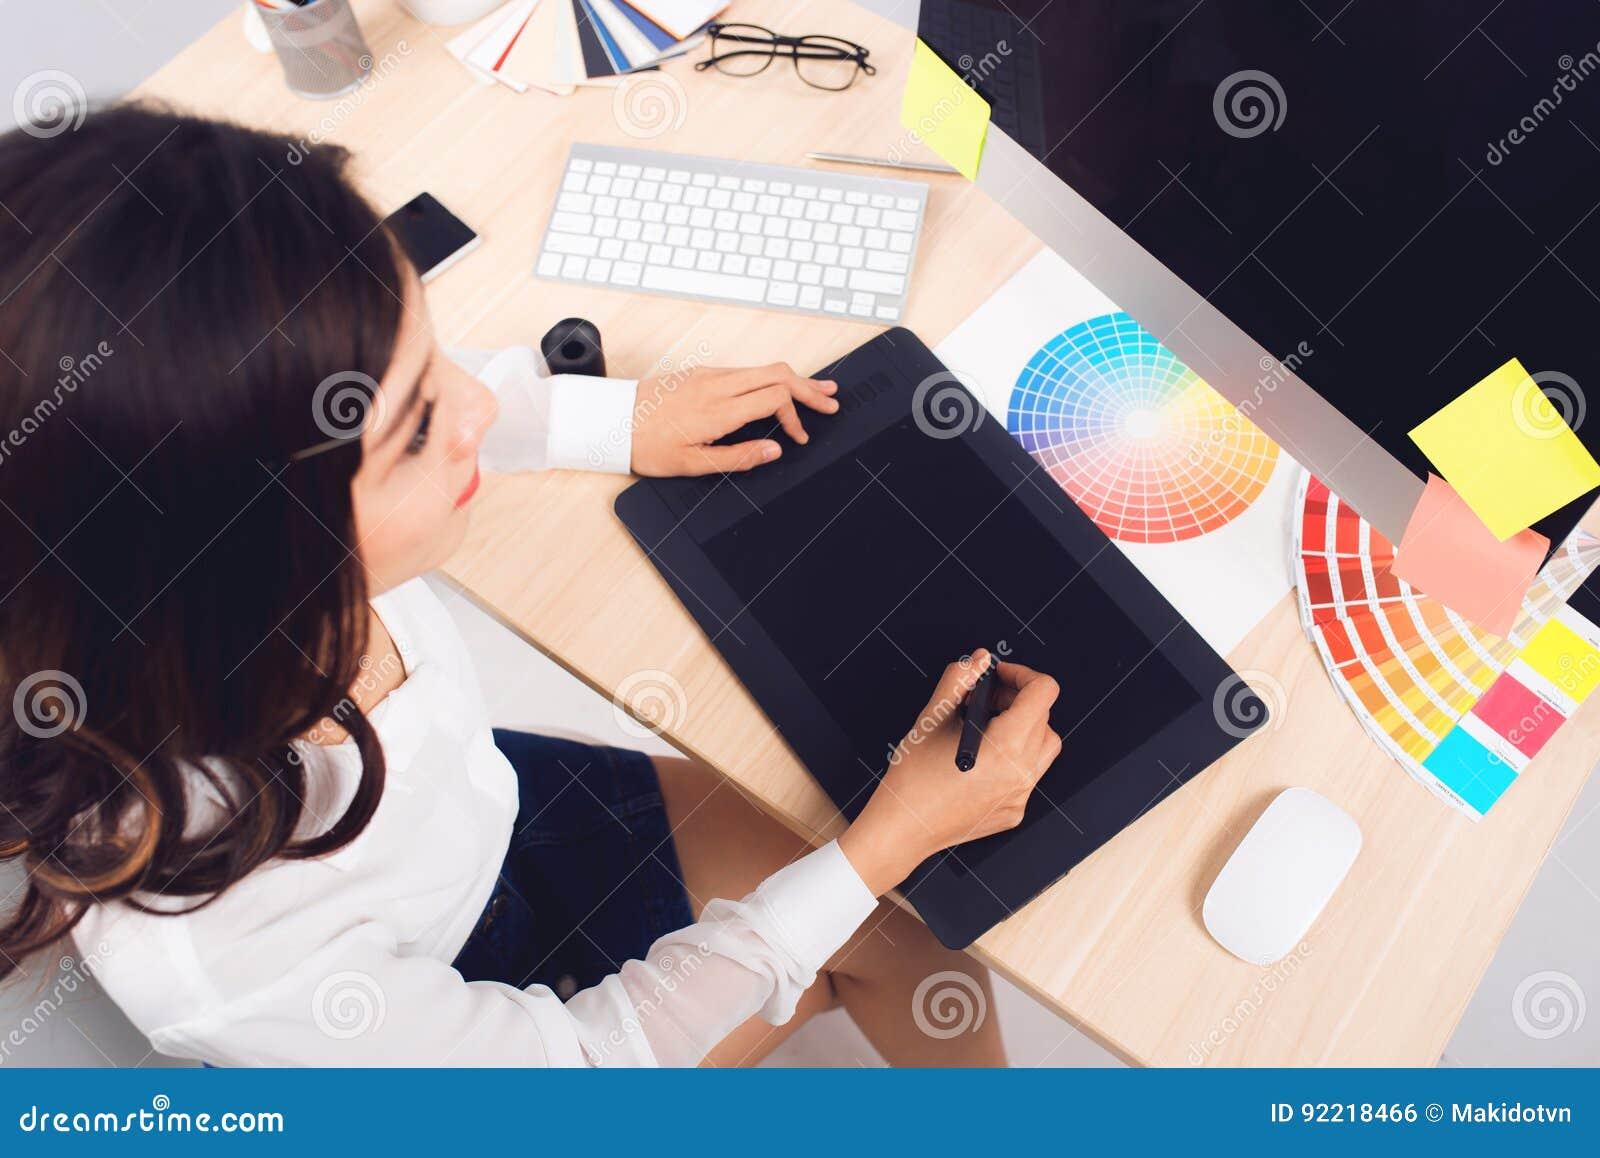 Vue courbe d un photographe éditeur fonctionnant au bureau dans créatif de